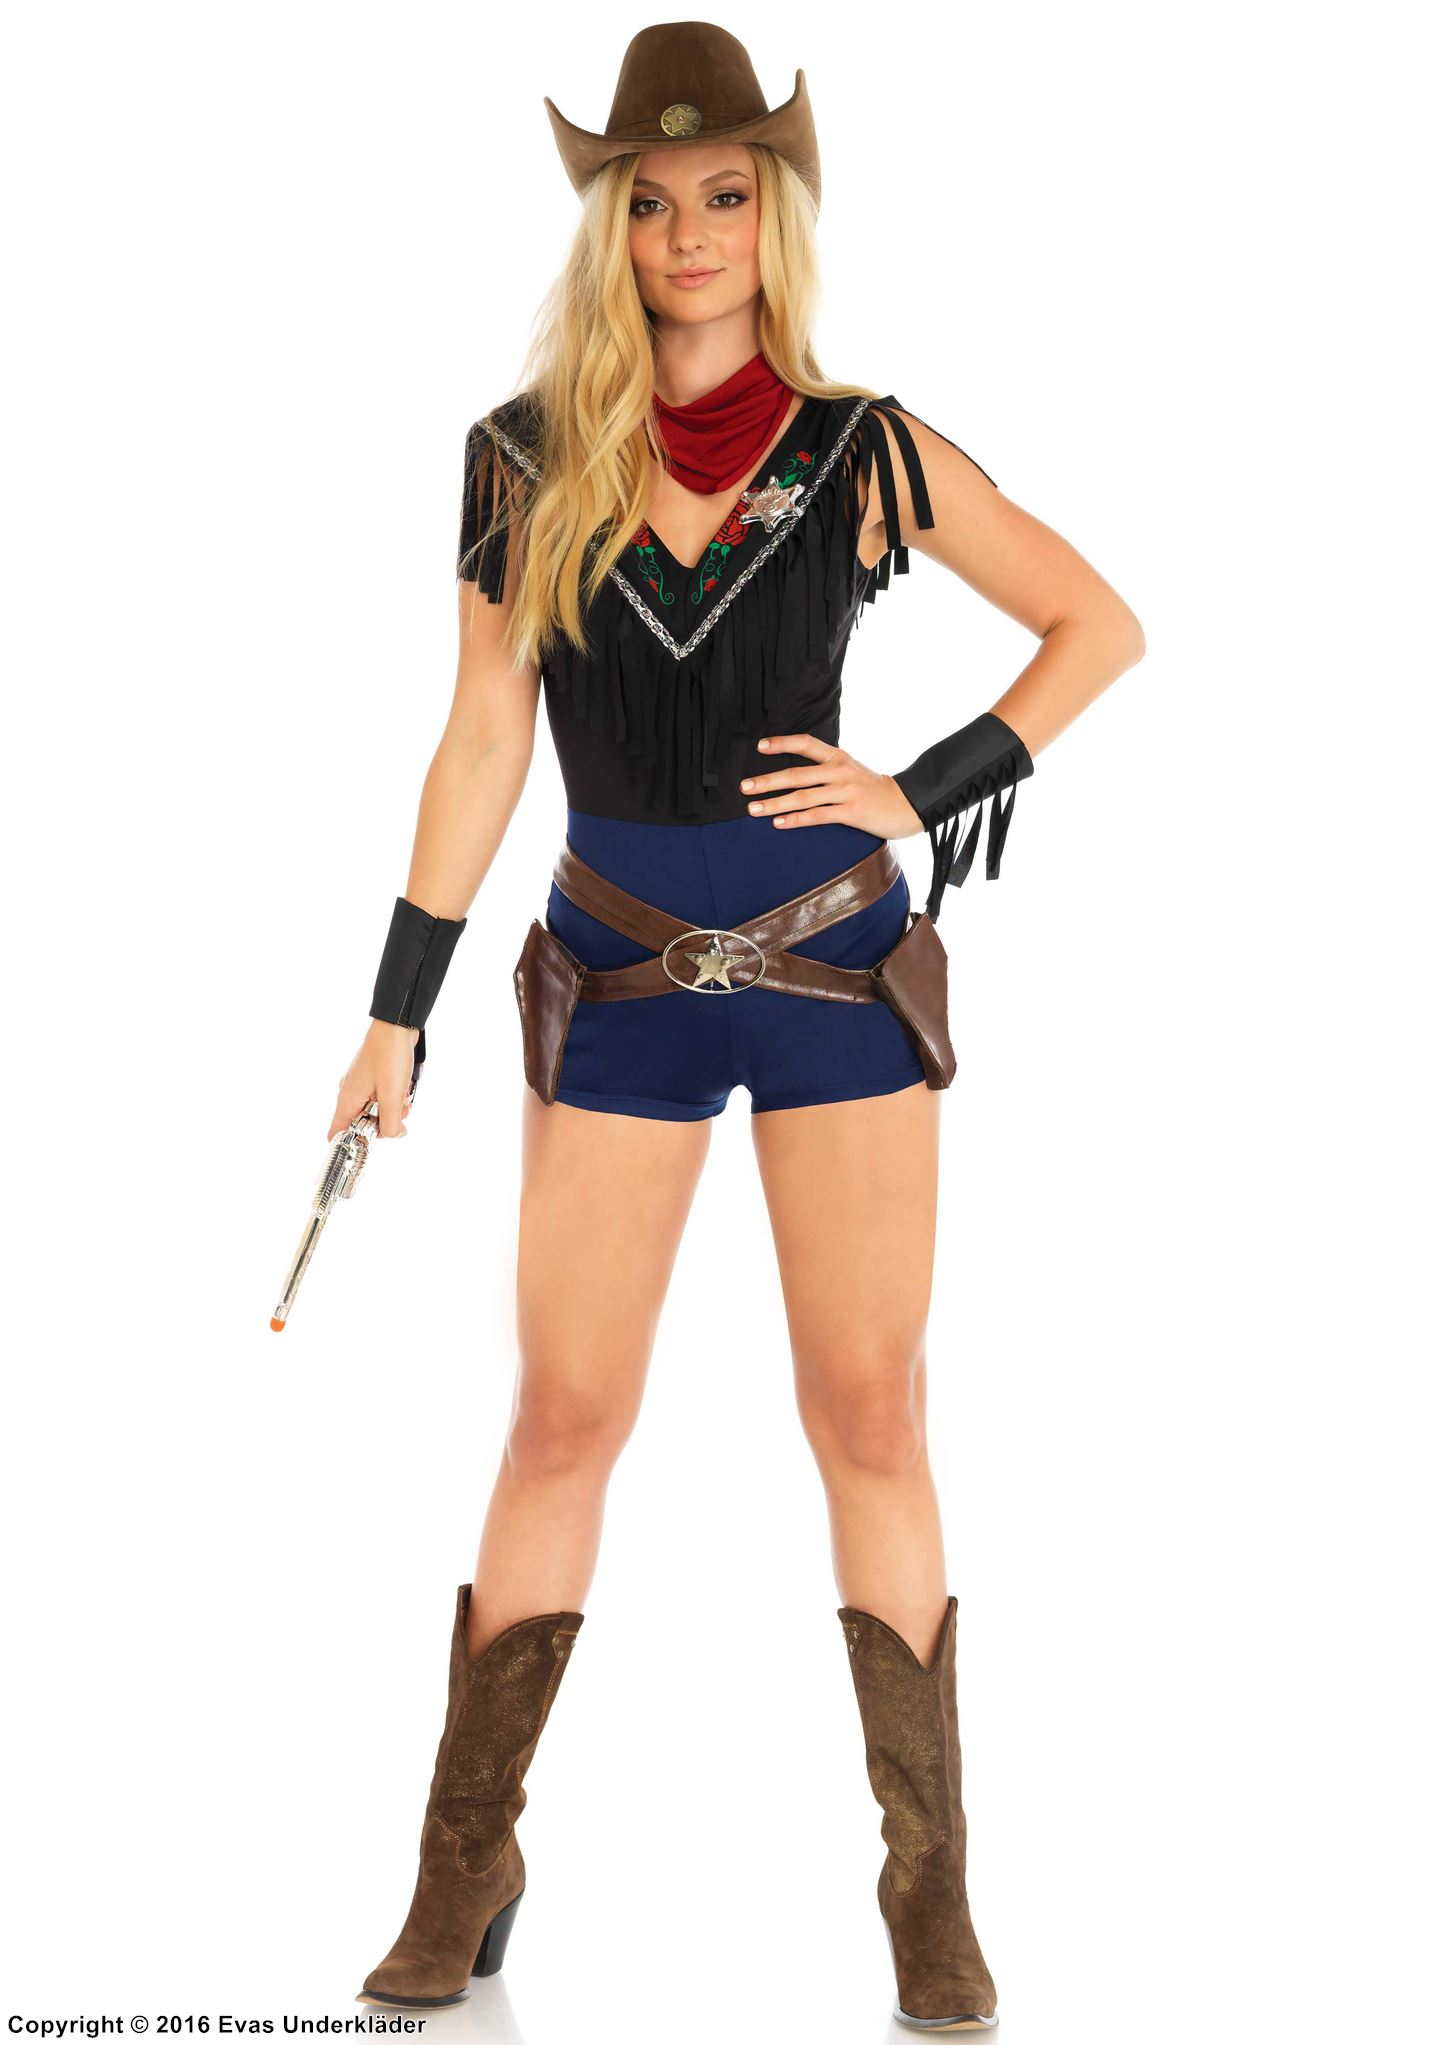 Vilda väster-kostym med sheriff-detaljer, maskeraddräkt